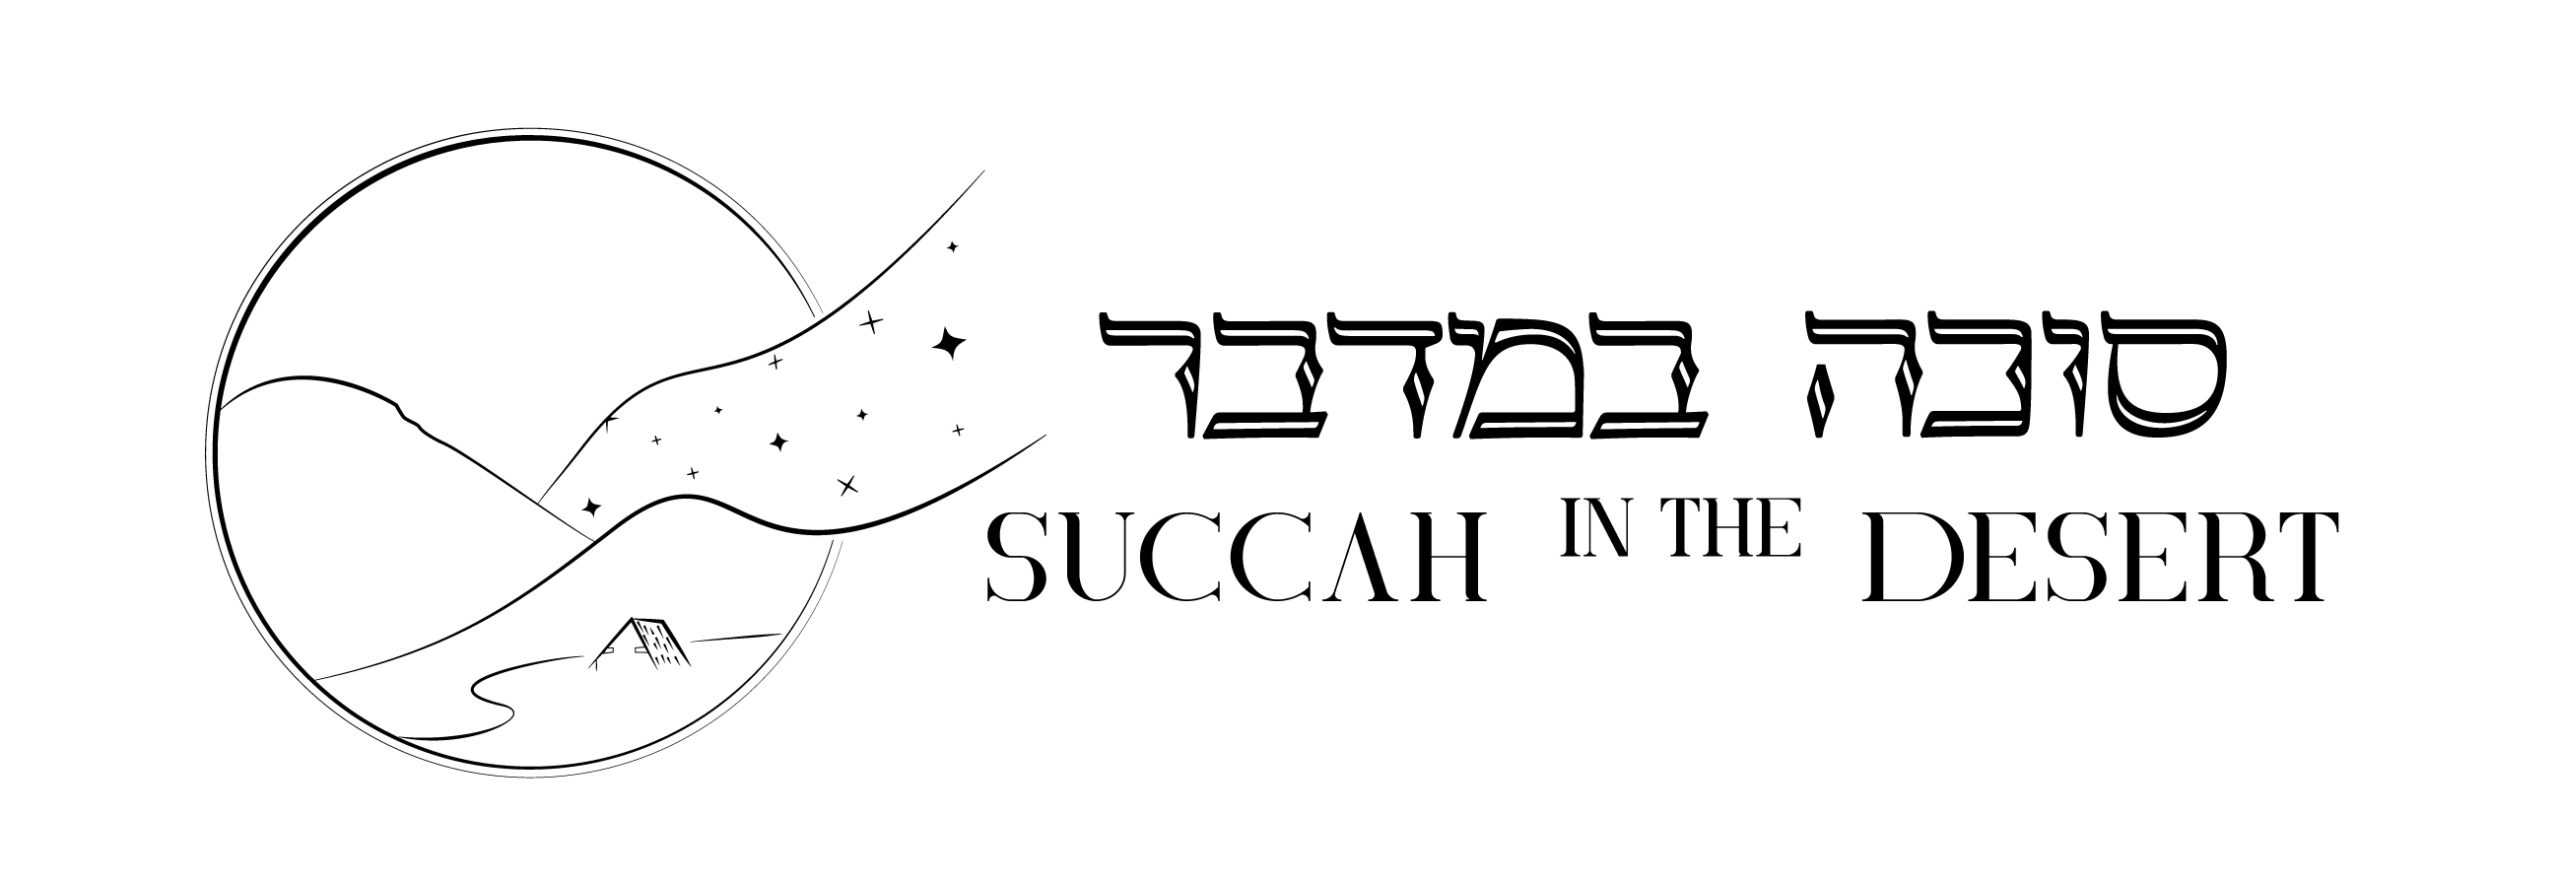 succah in the desert logo